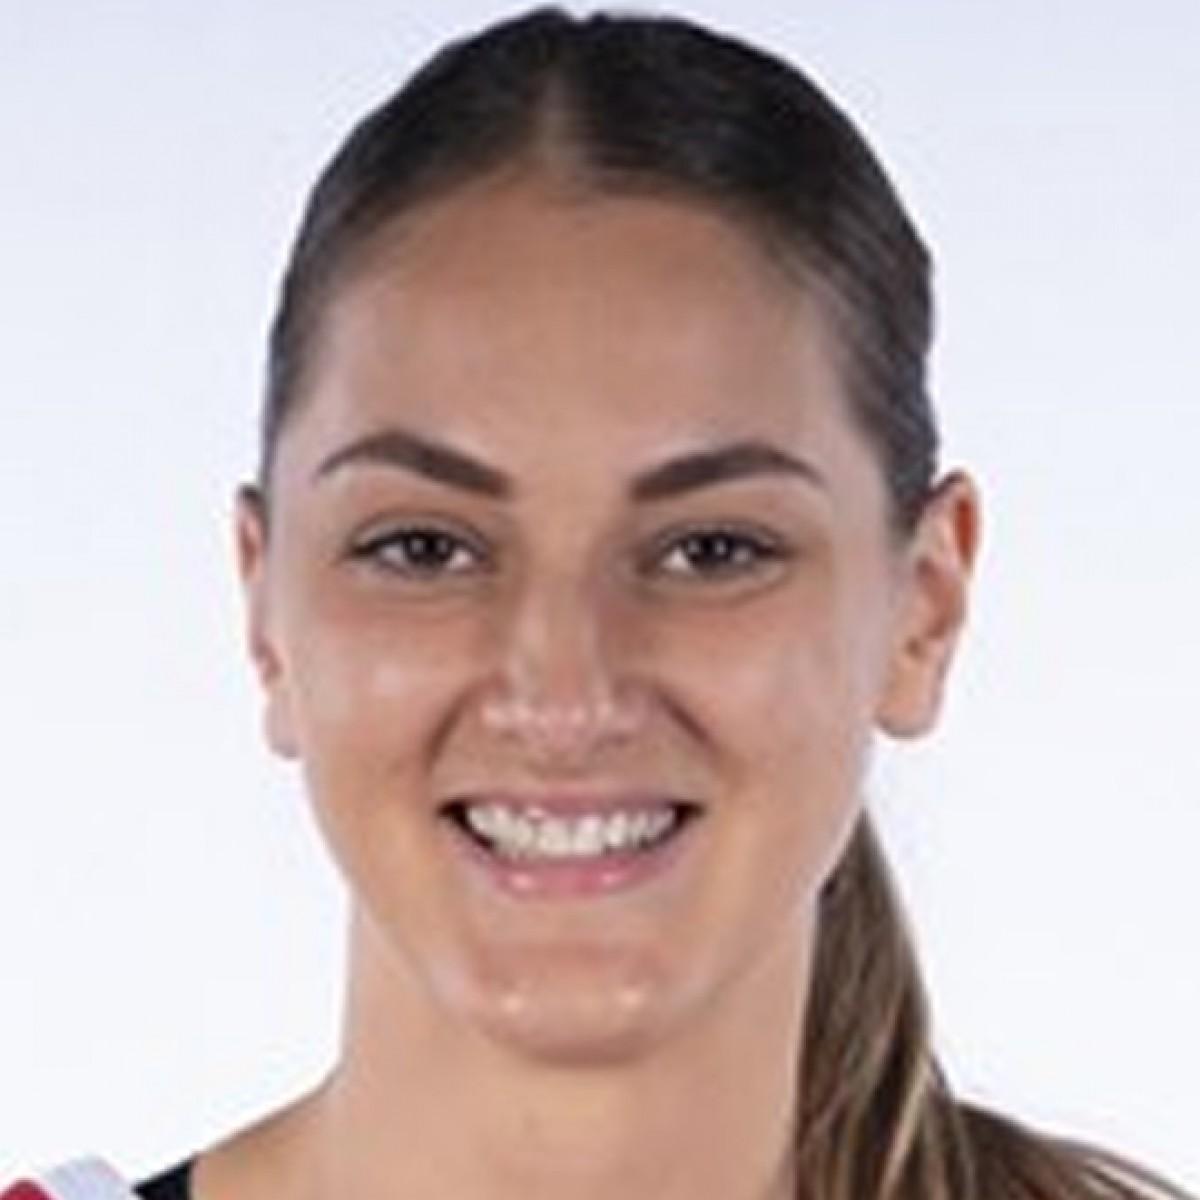 Ana-Marija Begic